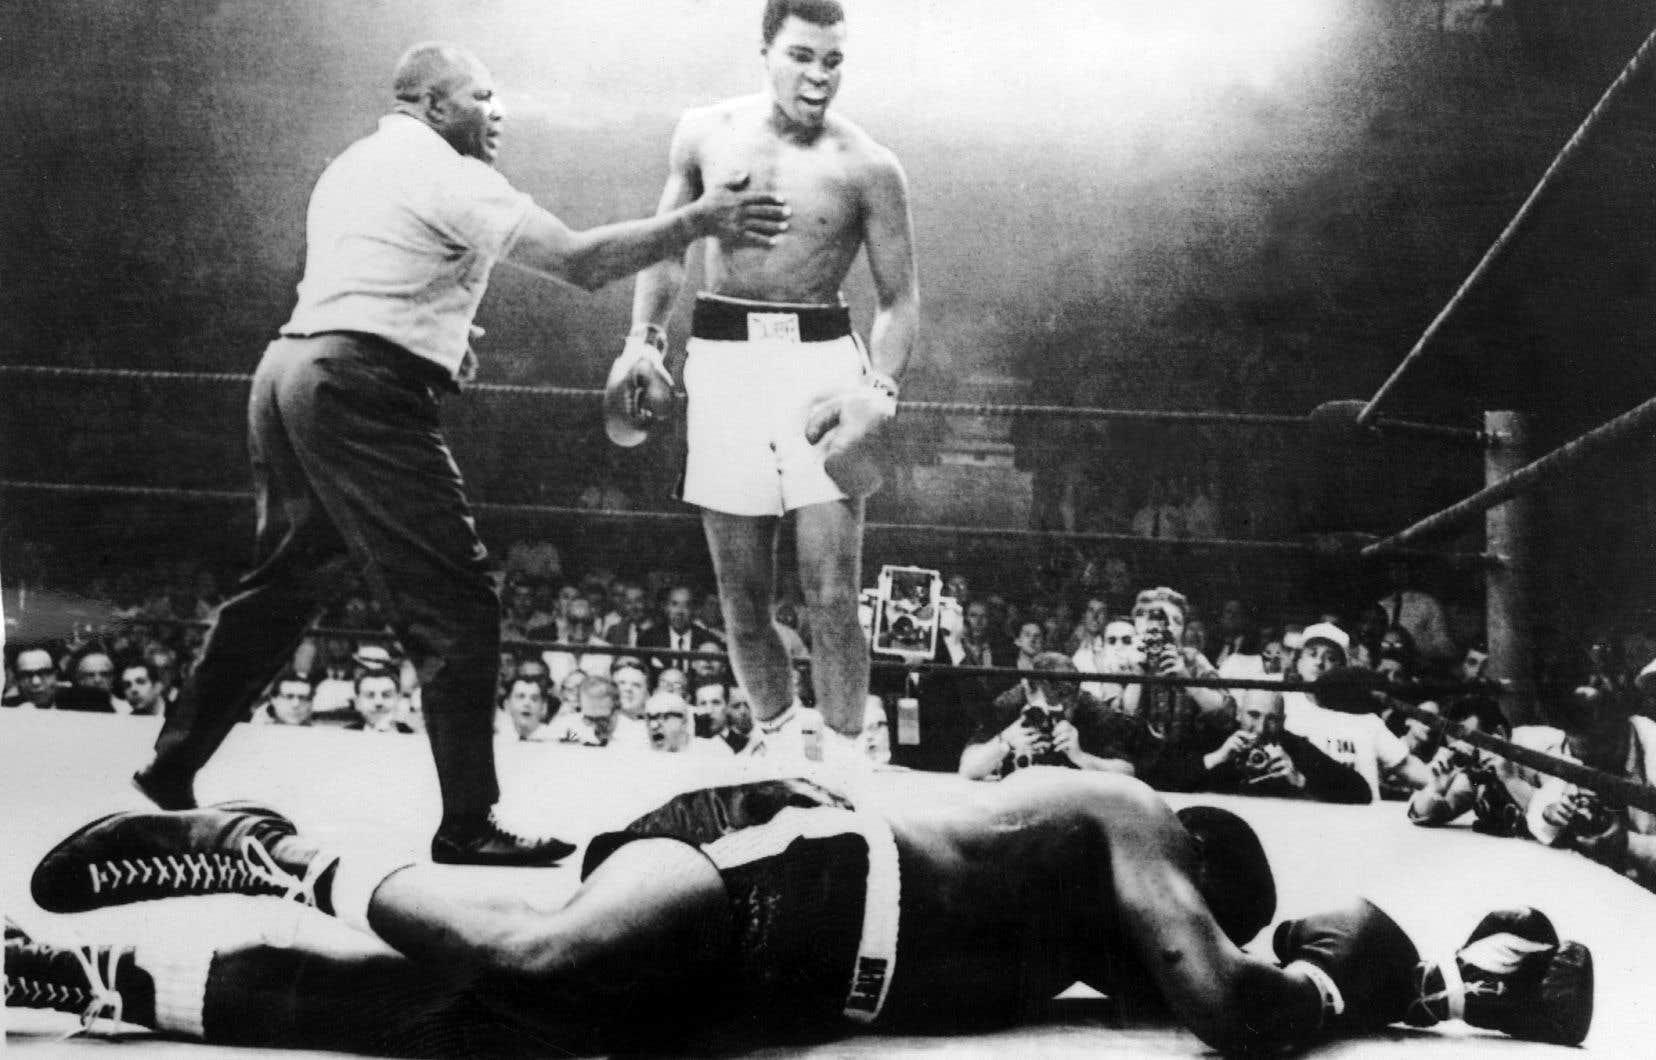 Quel boxeur a-t-on vu déclamer ses coups de gueule en vers? Les mots d'Ali sonnent et résonnent. À l'université, dans la rue, en entrevue, devant des opposants ou ses partisans. Sa verve est aussi vive que sa droite. Tout le temps.